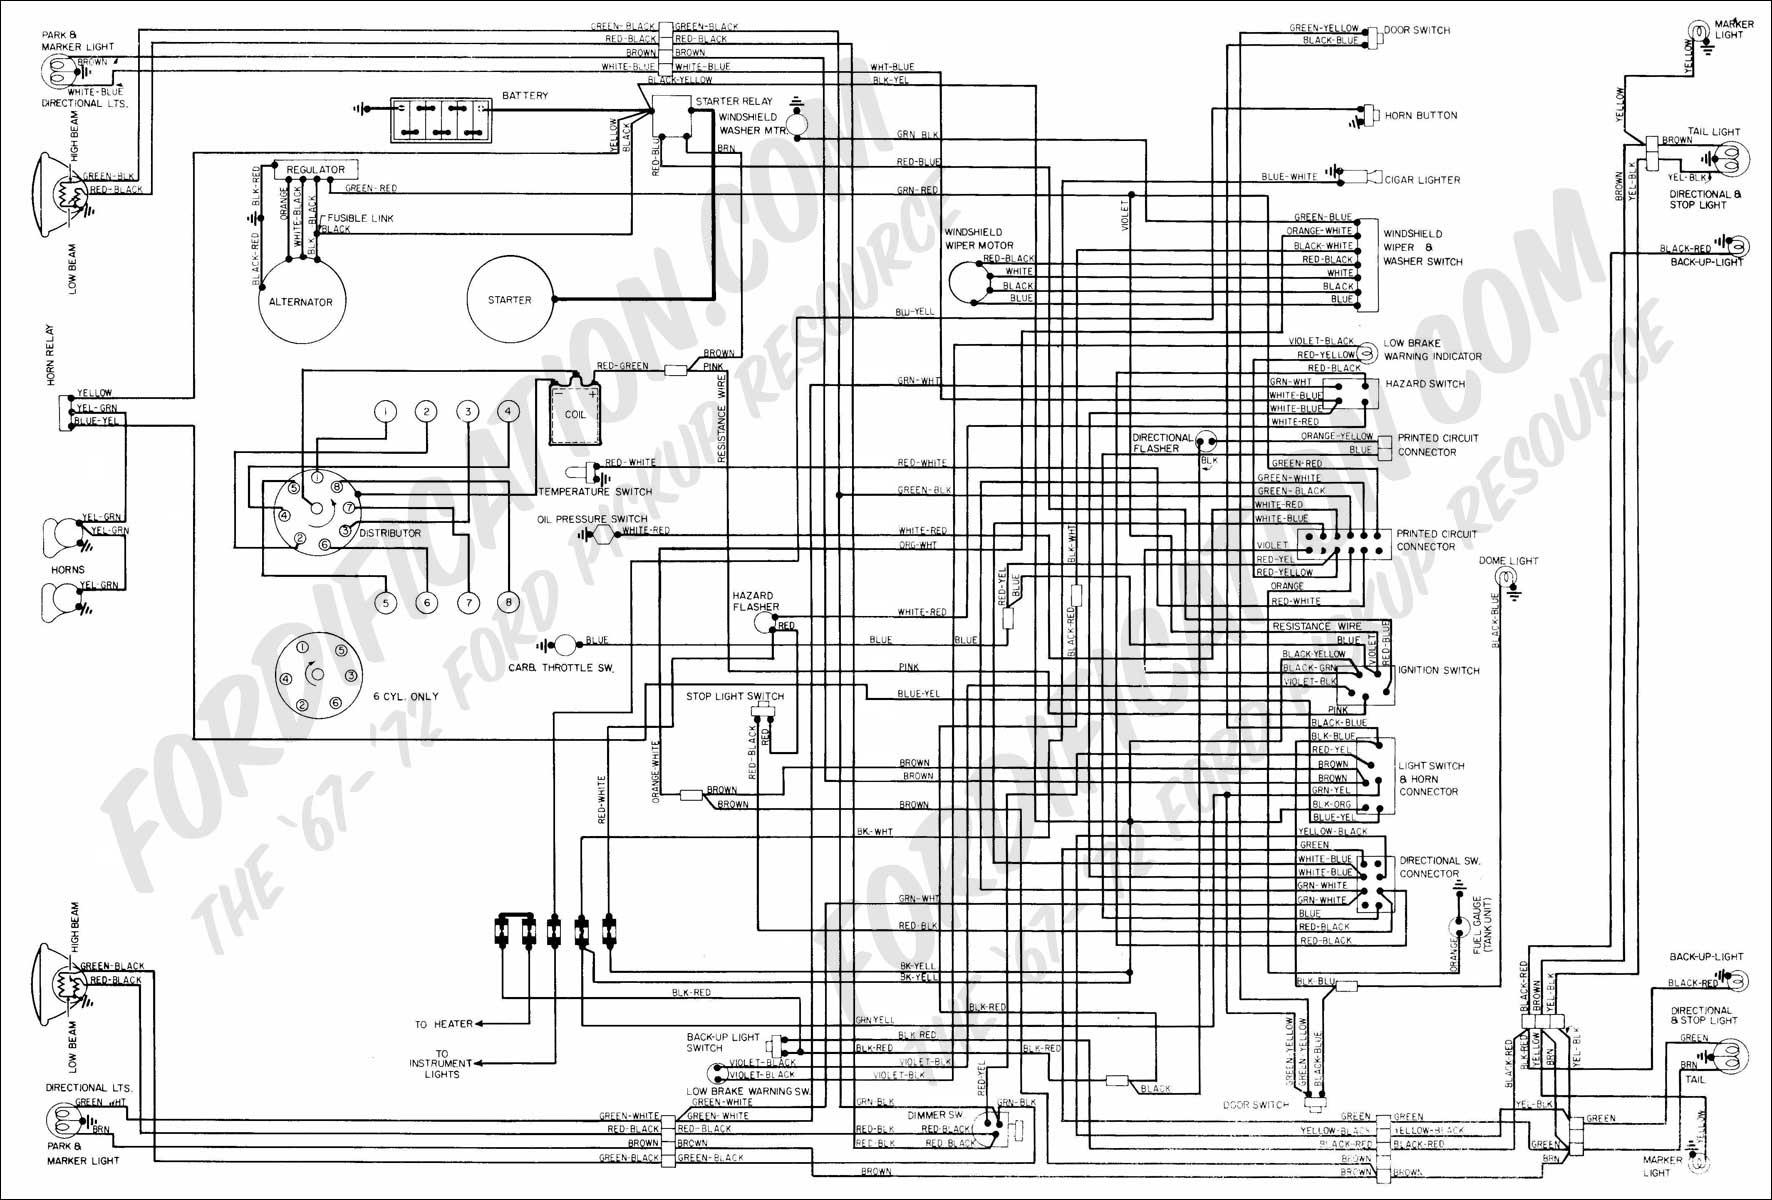 makita 9227c wiring diagram   27 wiring diagram images